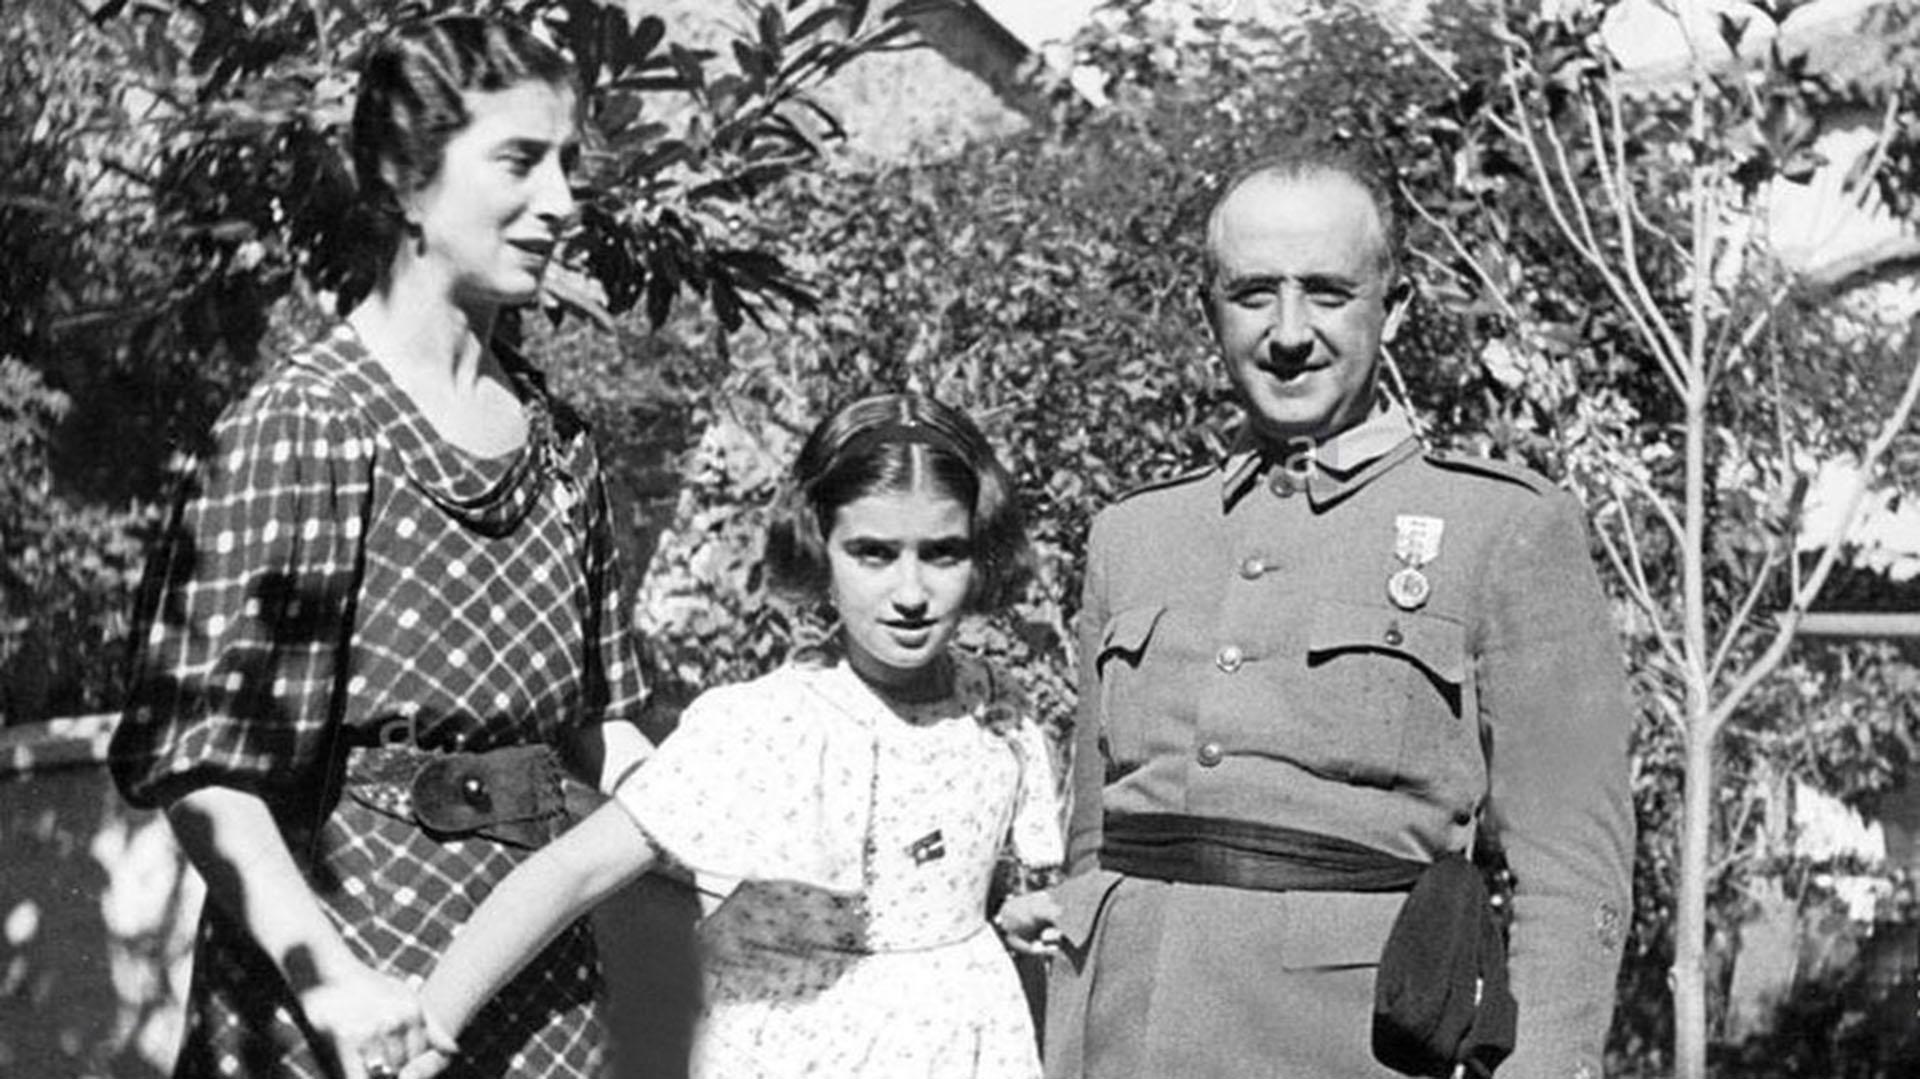 Muri carmen franco polo la nica hija del dictador - Manuel riesgo villaverde ...